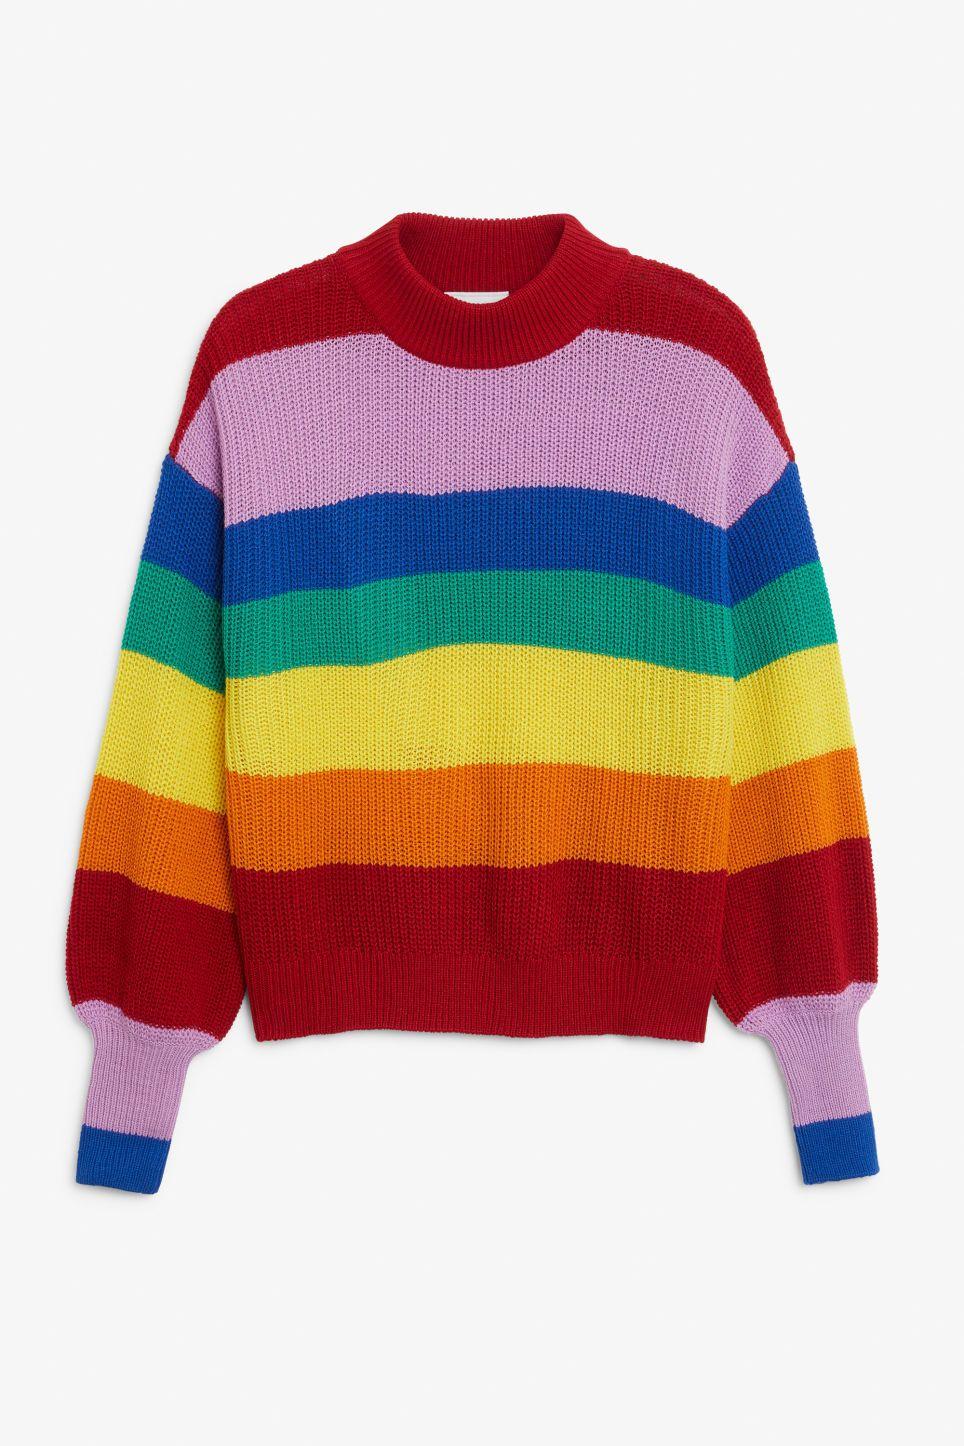 17065d9da8 Crew neck knit sweater - Rainbow stripes - Knitwear in 2019 | Lewks ...